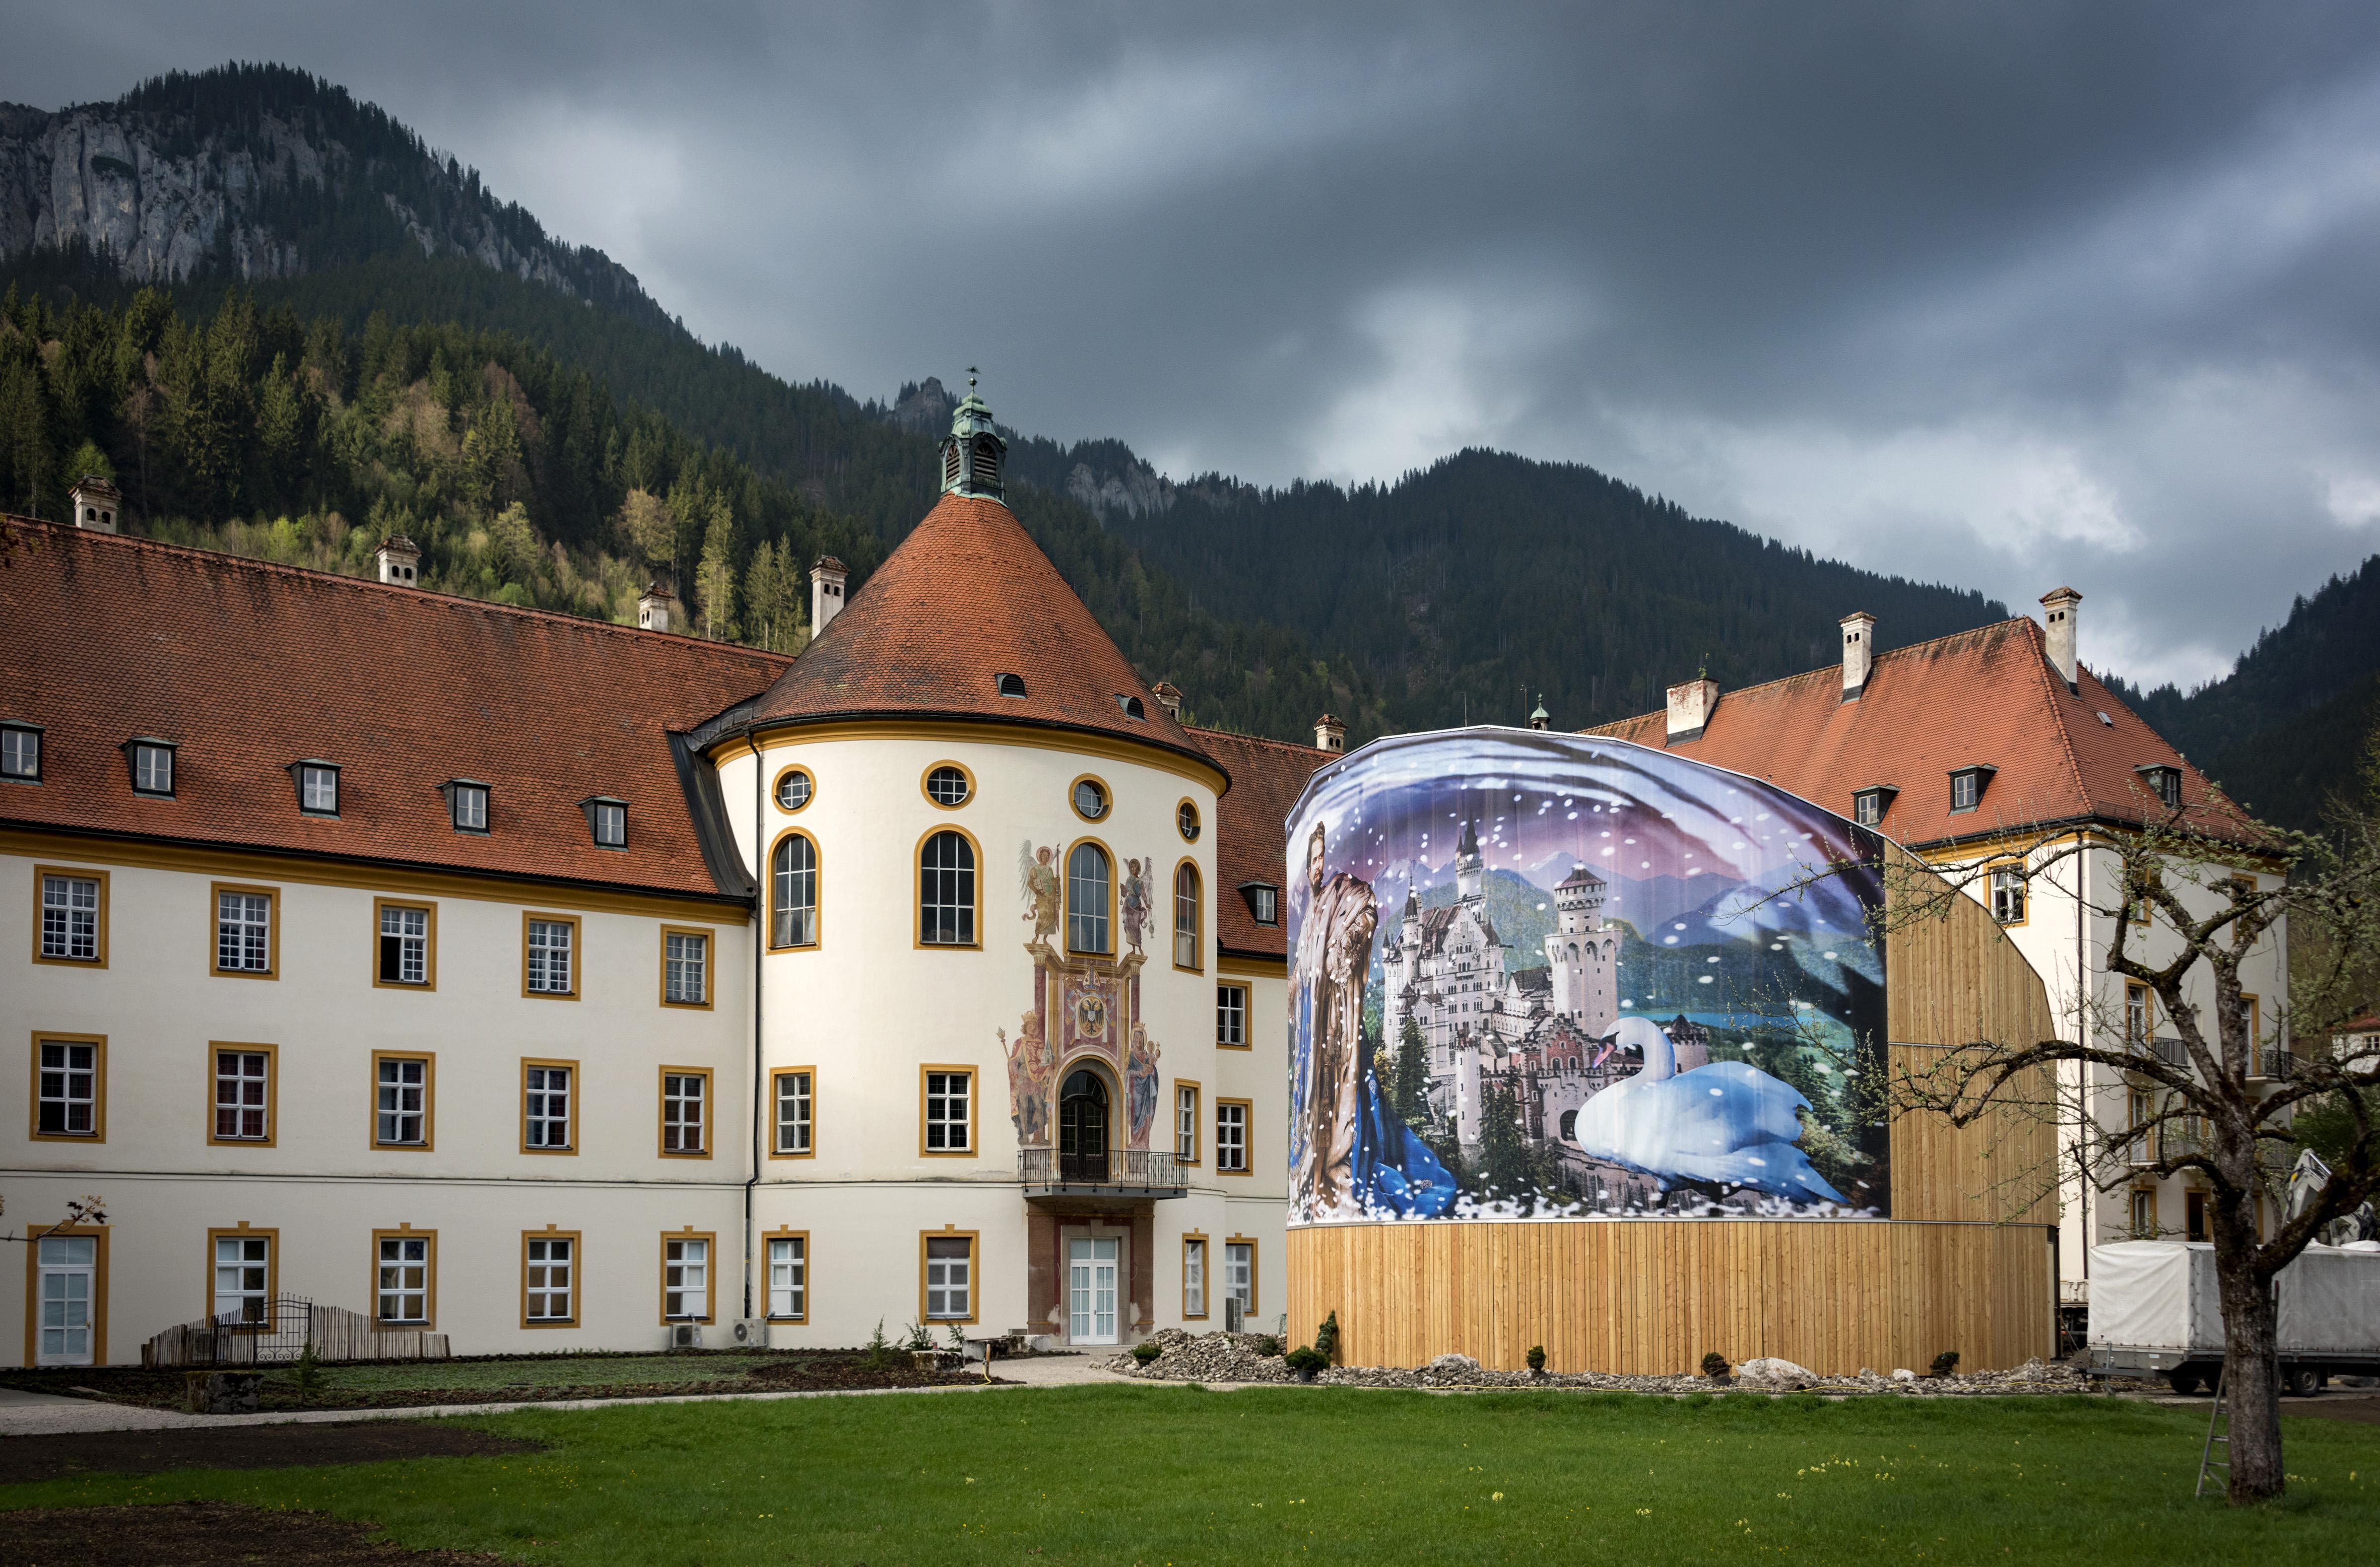 Holzpavillon im Ettaler Klostergarten © Gabriele Meyer-Brühl / Thöner von Wolffersdorff GbR